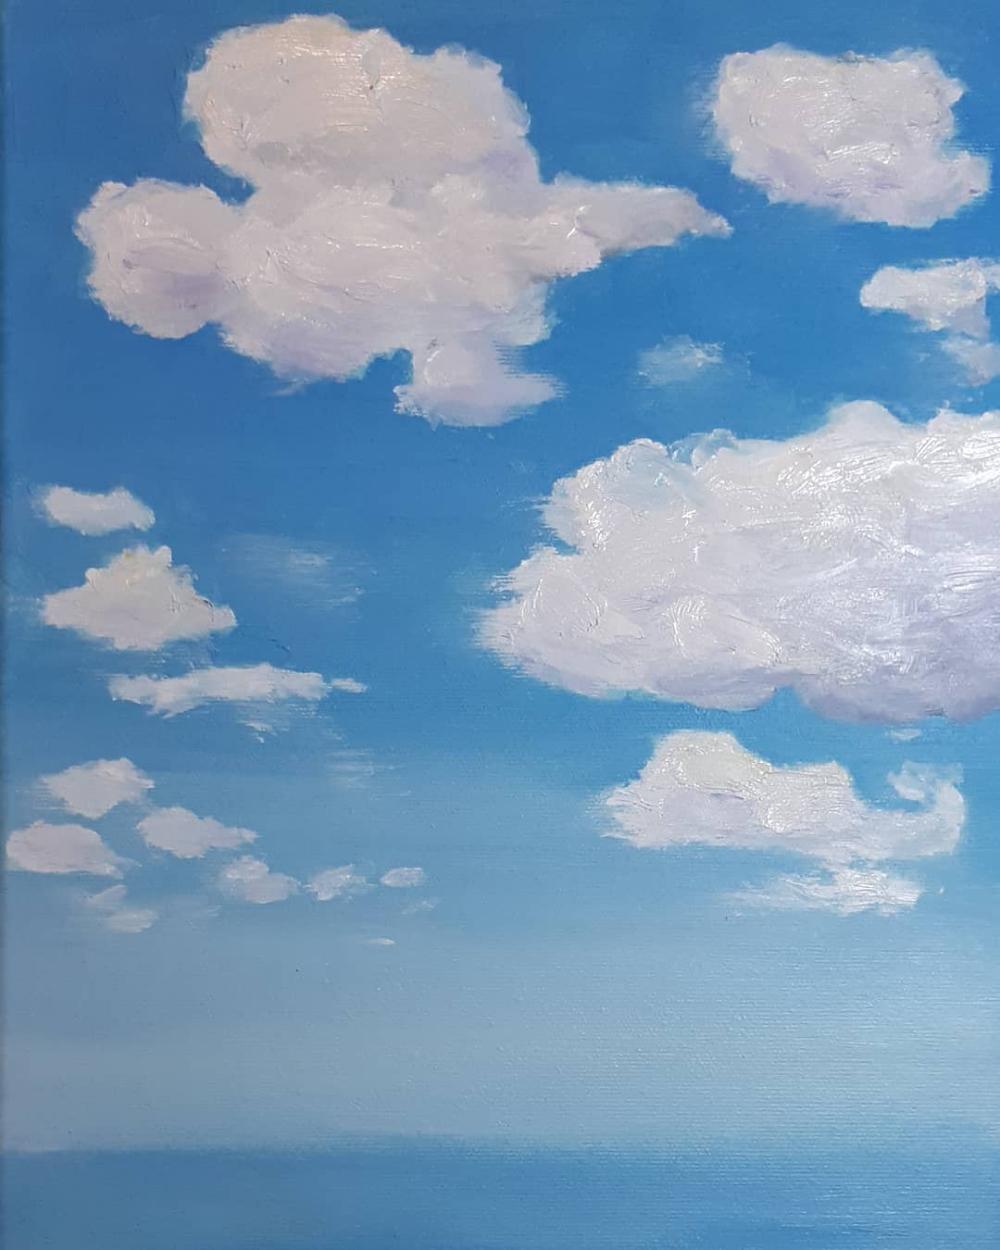 Berraquero sur Instagram: Ejercicio práctico para aprender a pintar cúmulos. Me queda mucho por practicar 😁. #art #arte #artist #instaart #artoftheday #artstudio…